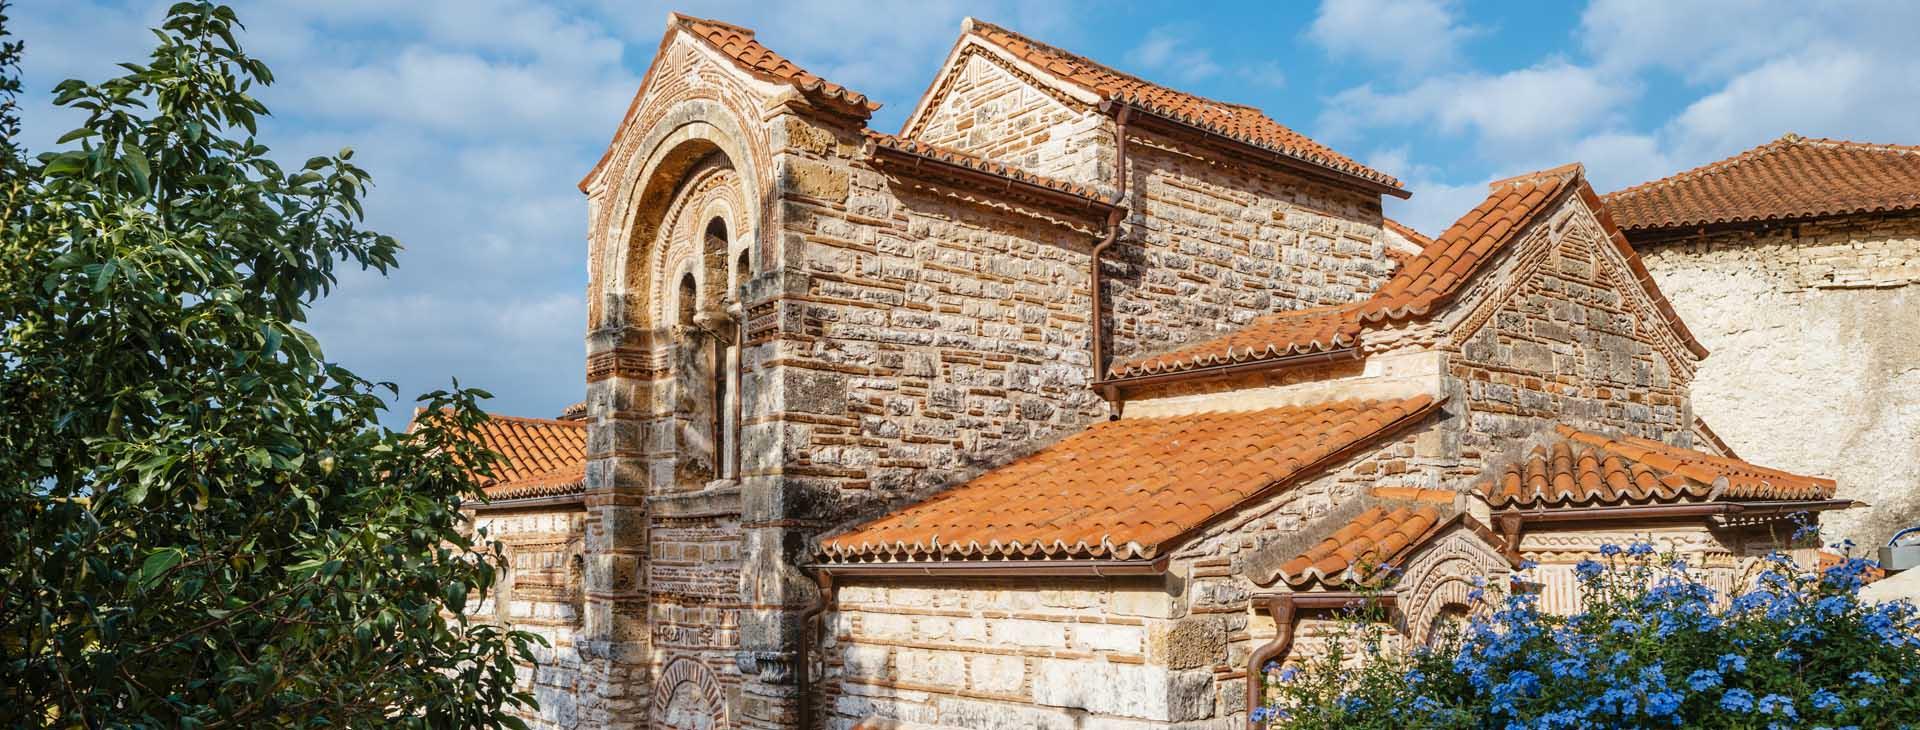 Holy Monastery of Kato Panagia, Arta